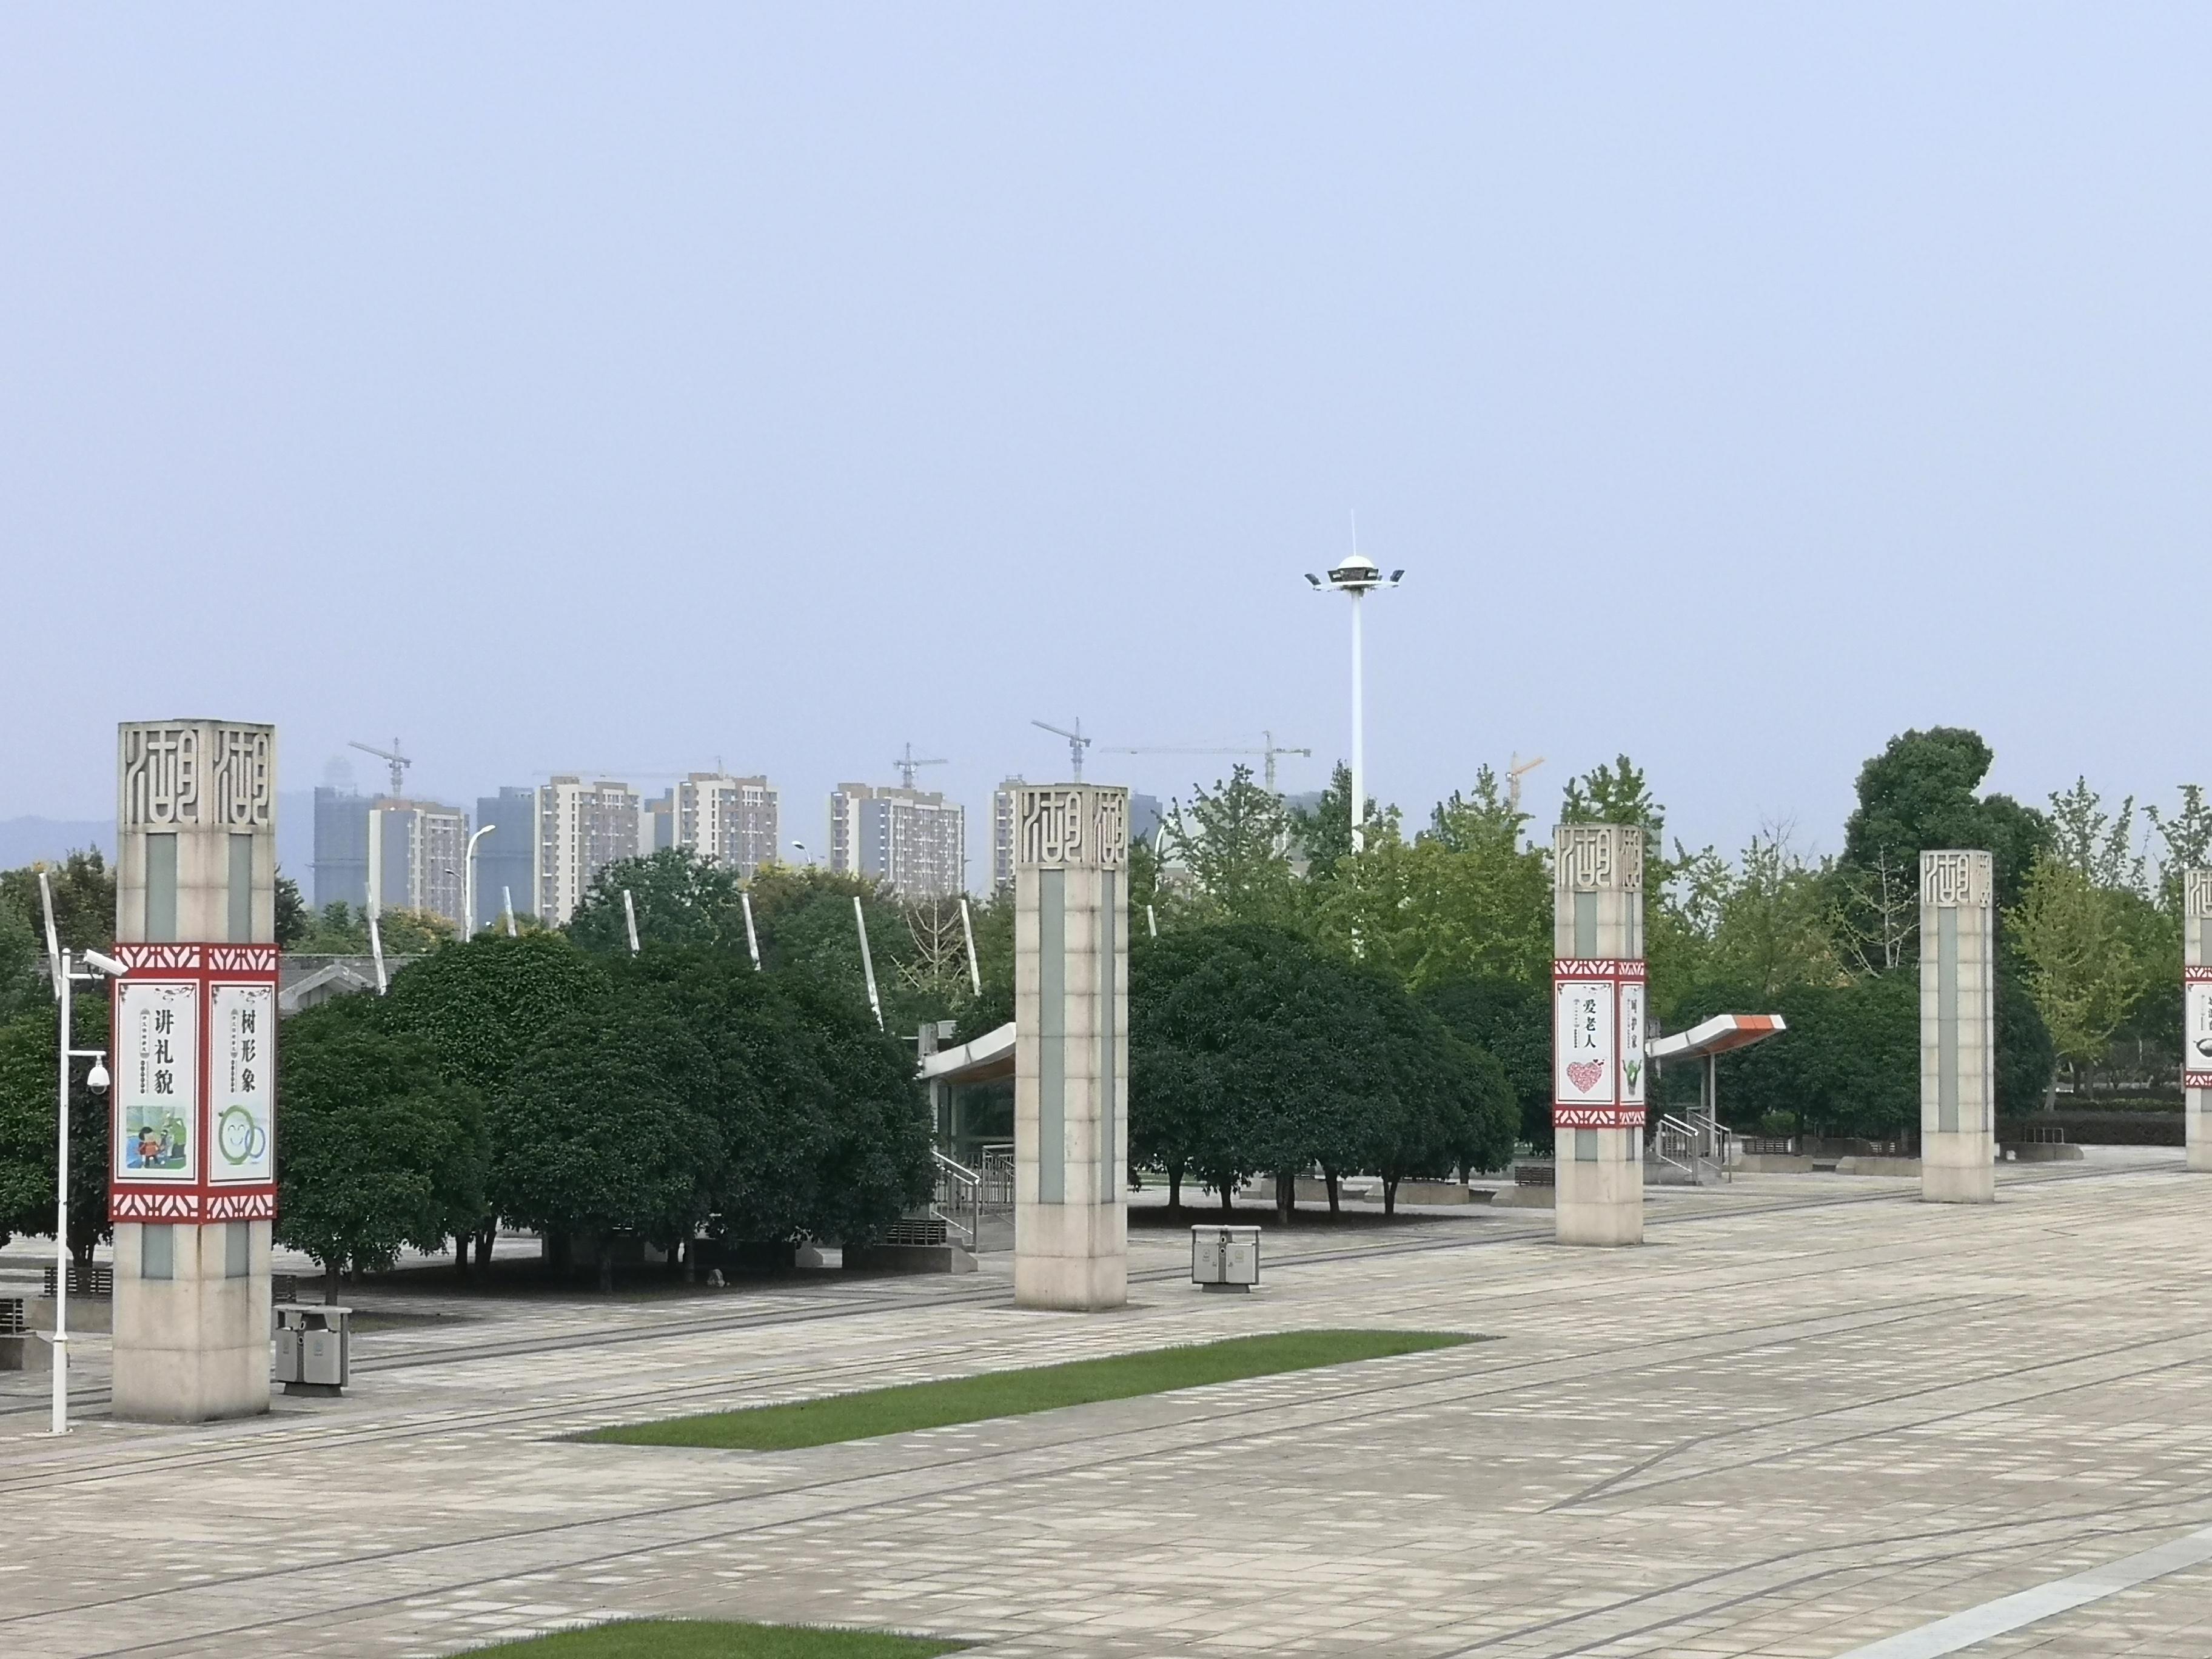 湖州市gdp_浙江最没存在感的城市,离省会仅21分钟,GDP却只能是倒数